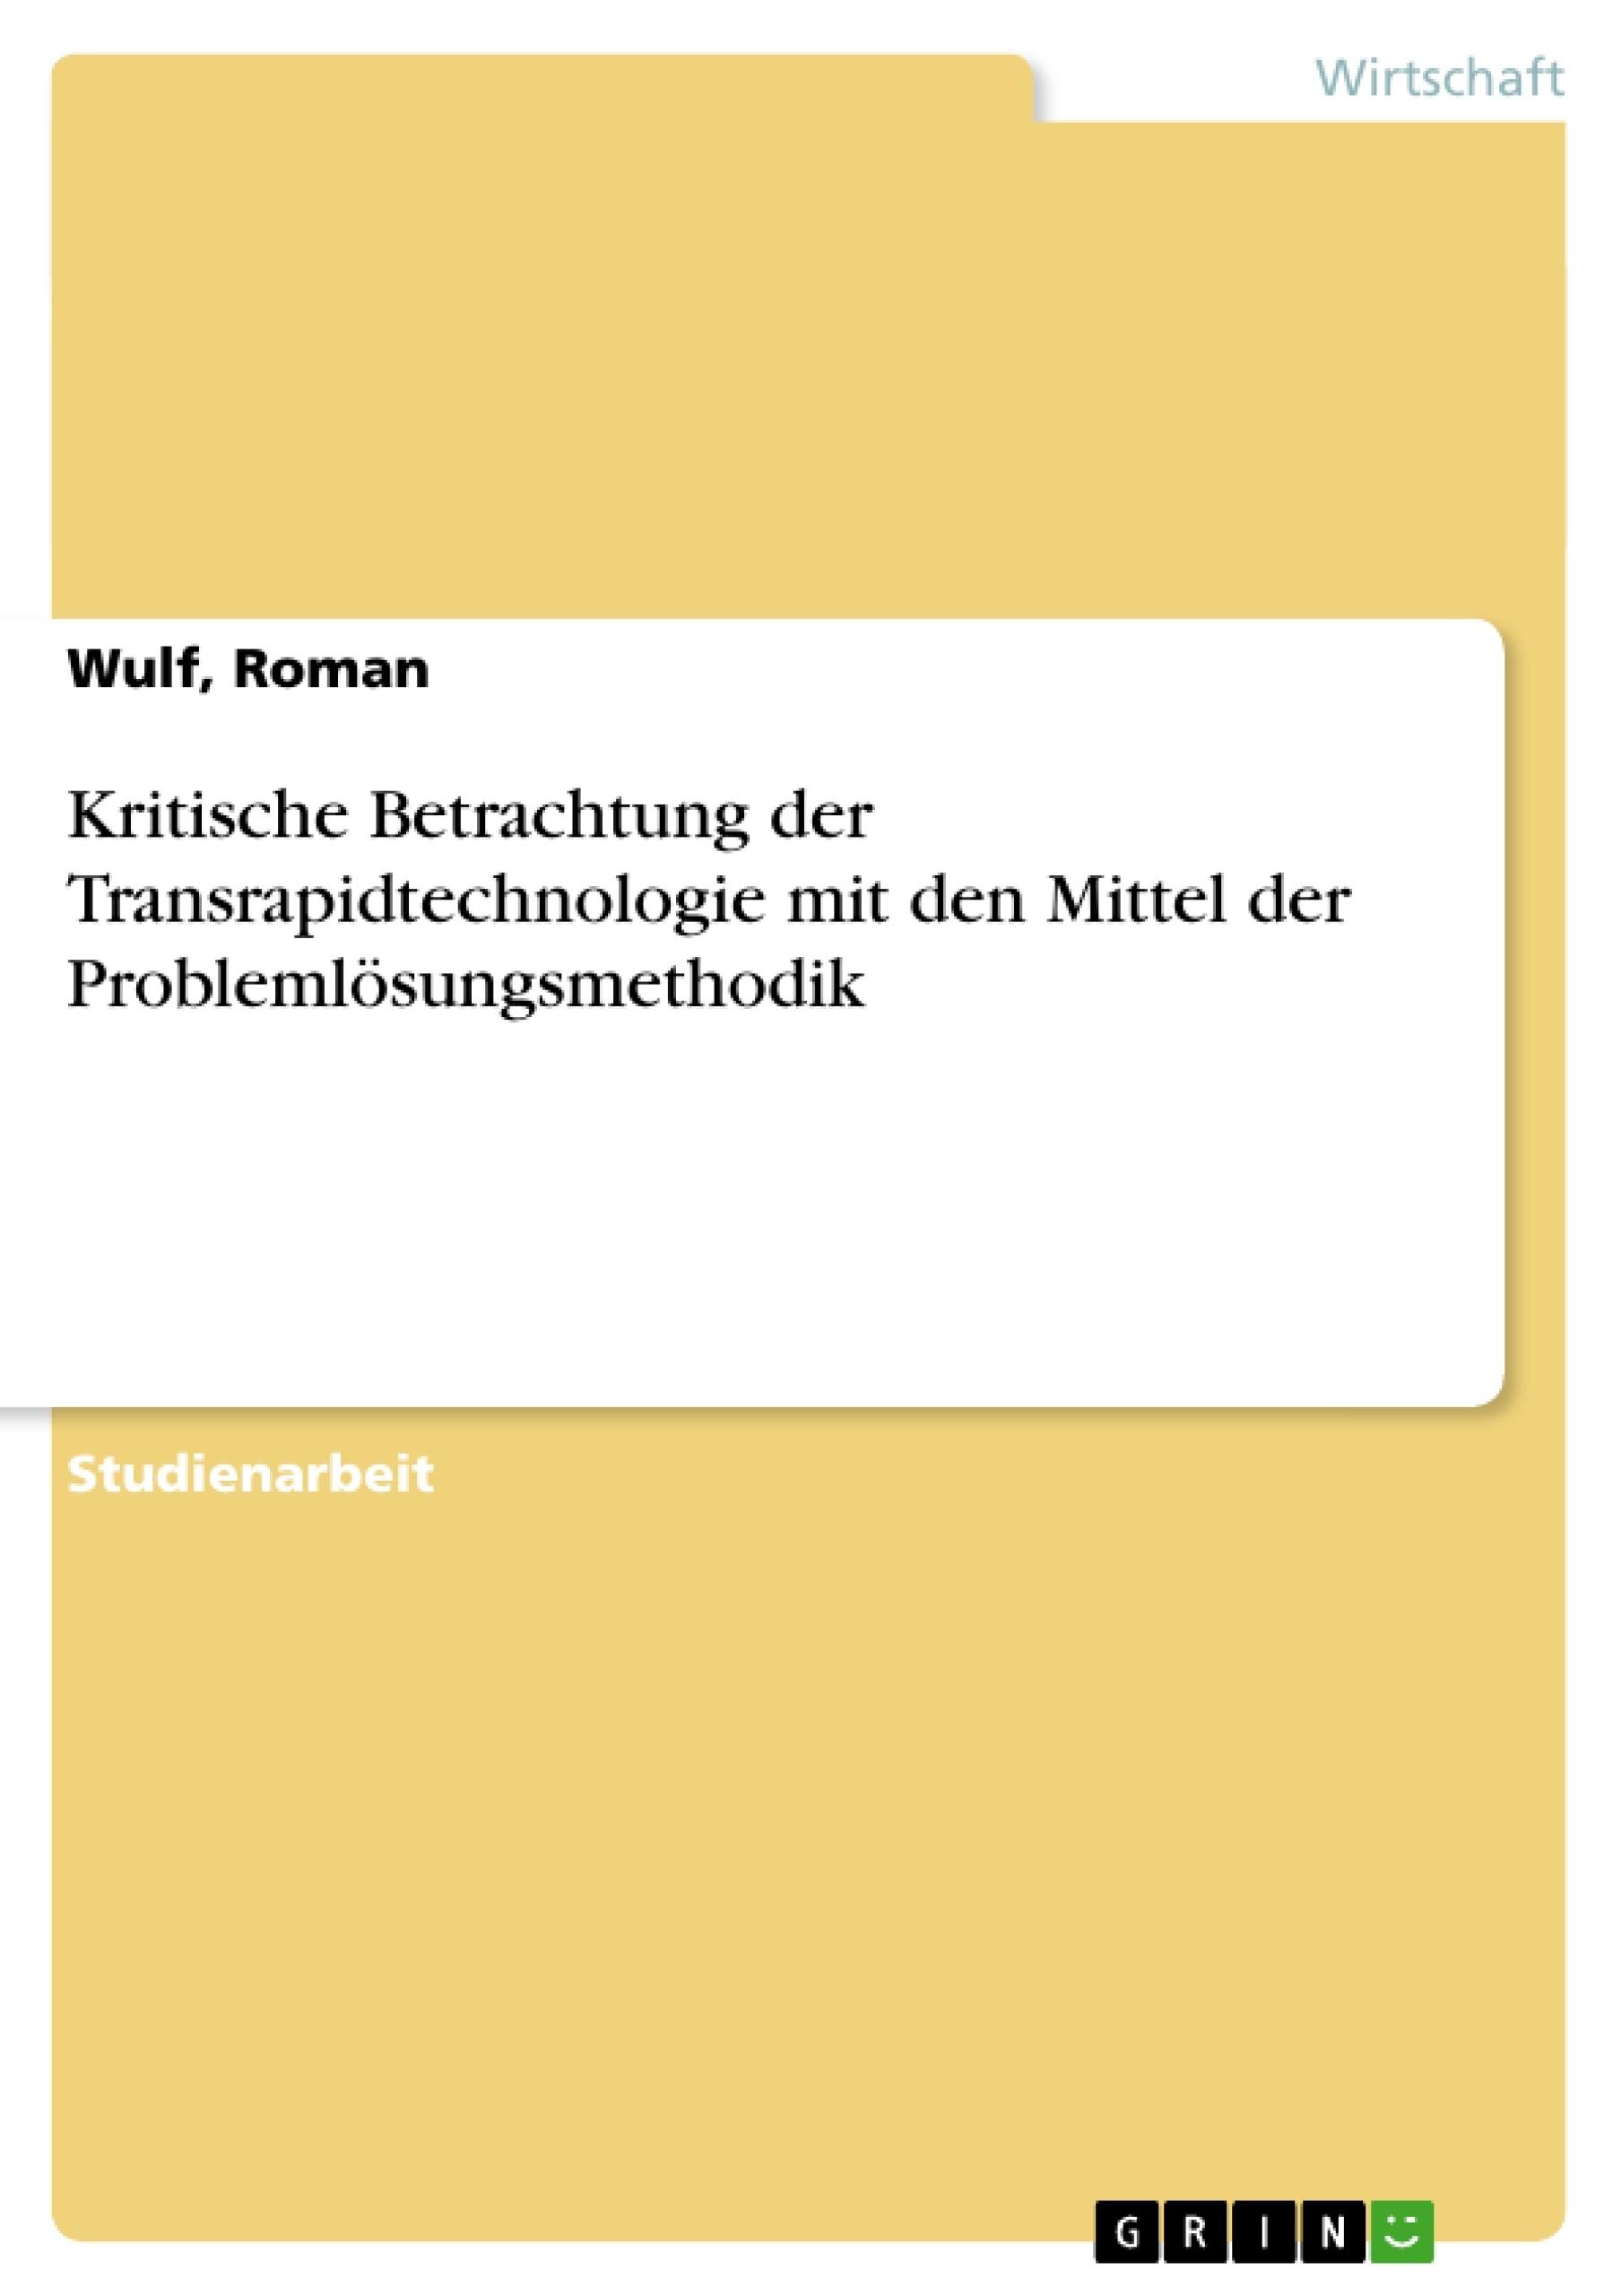 Titel: Kritische Betrachtung der Transrapidtechnologie mit den Mittel der Problemlösungsmethodik